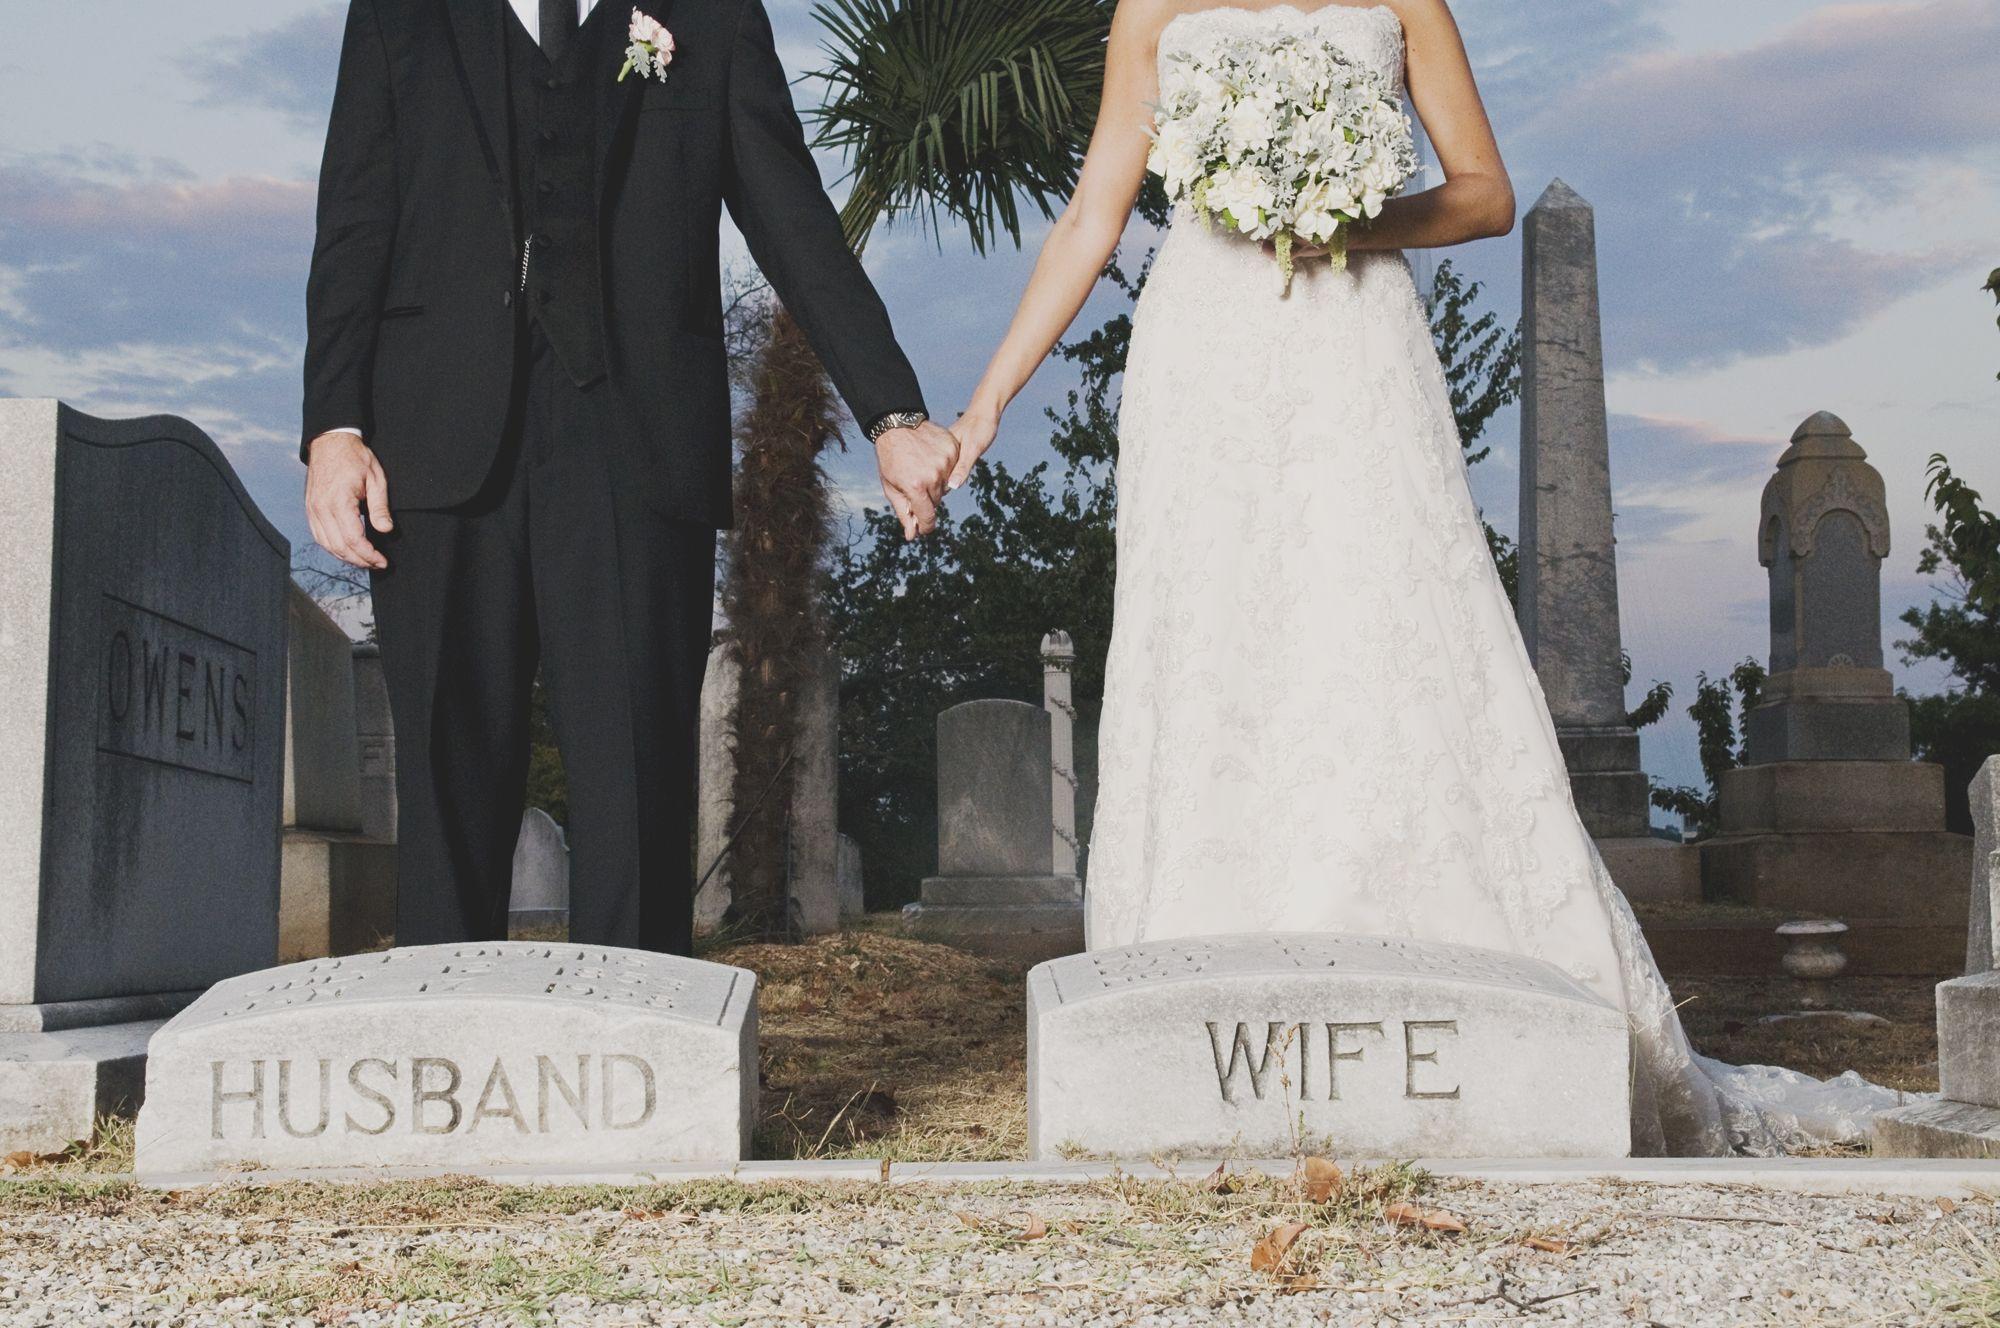 Gothic Weddings HalloweenThemed Weddings - Corpse Bride Inspired Wedding Dress